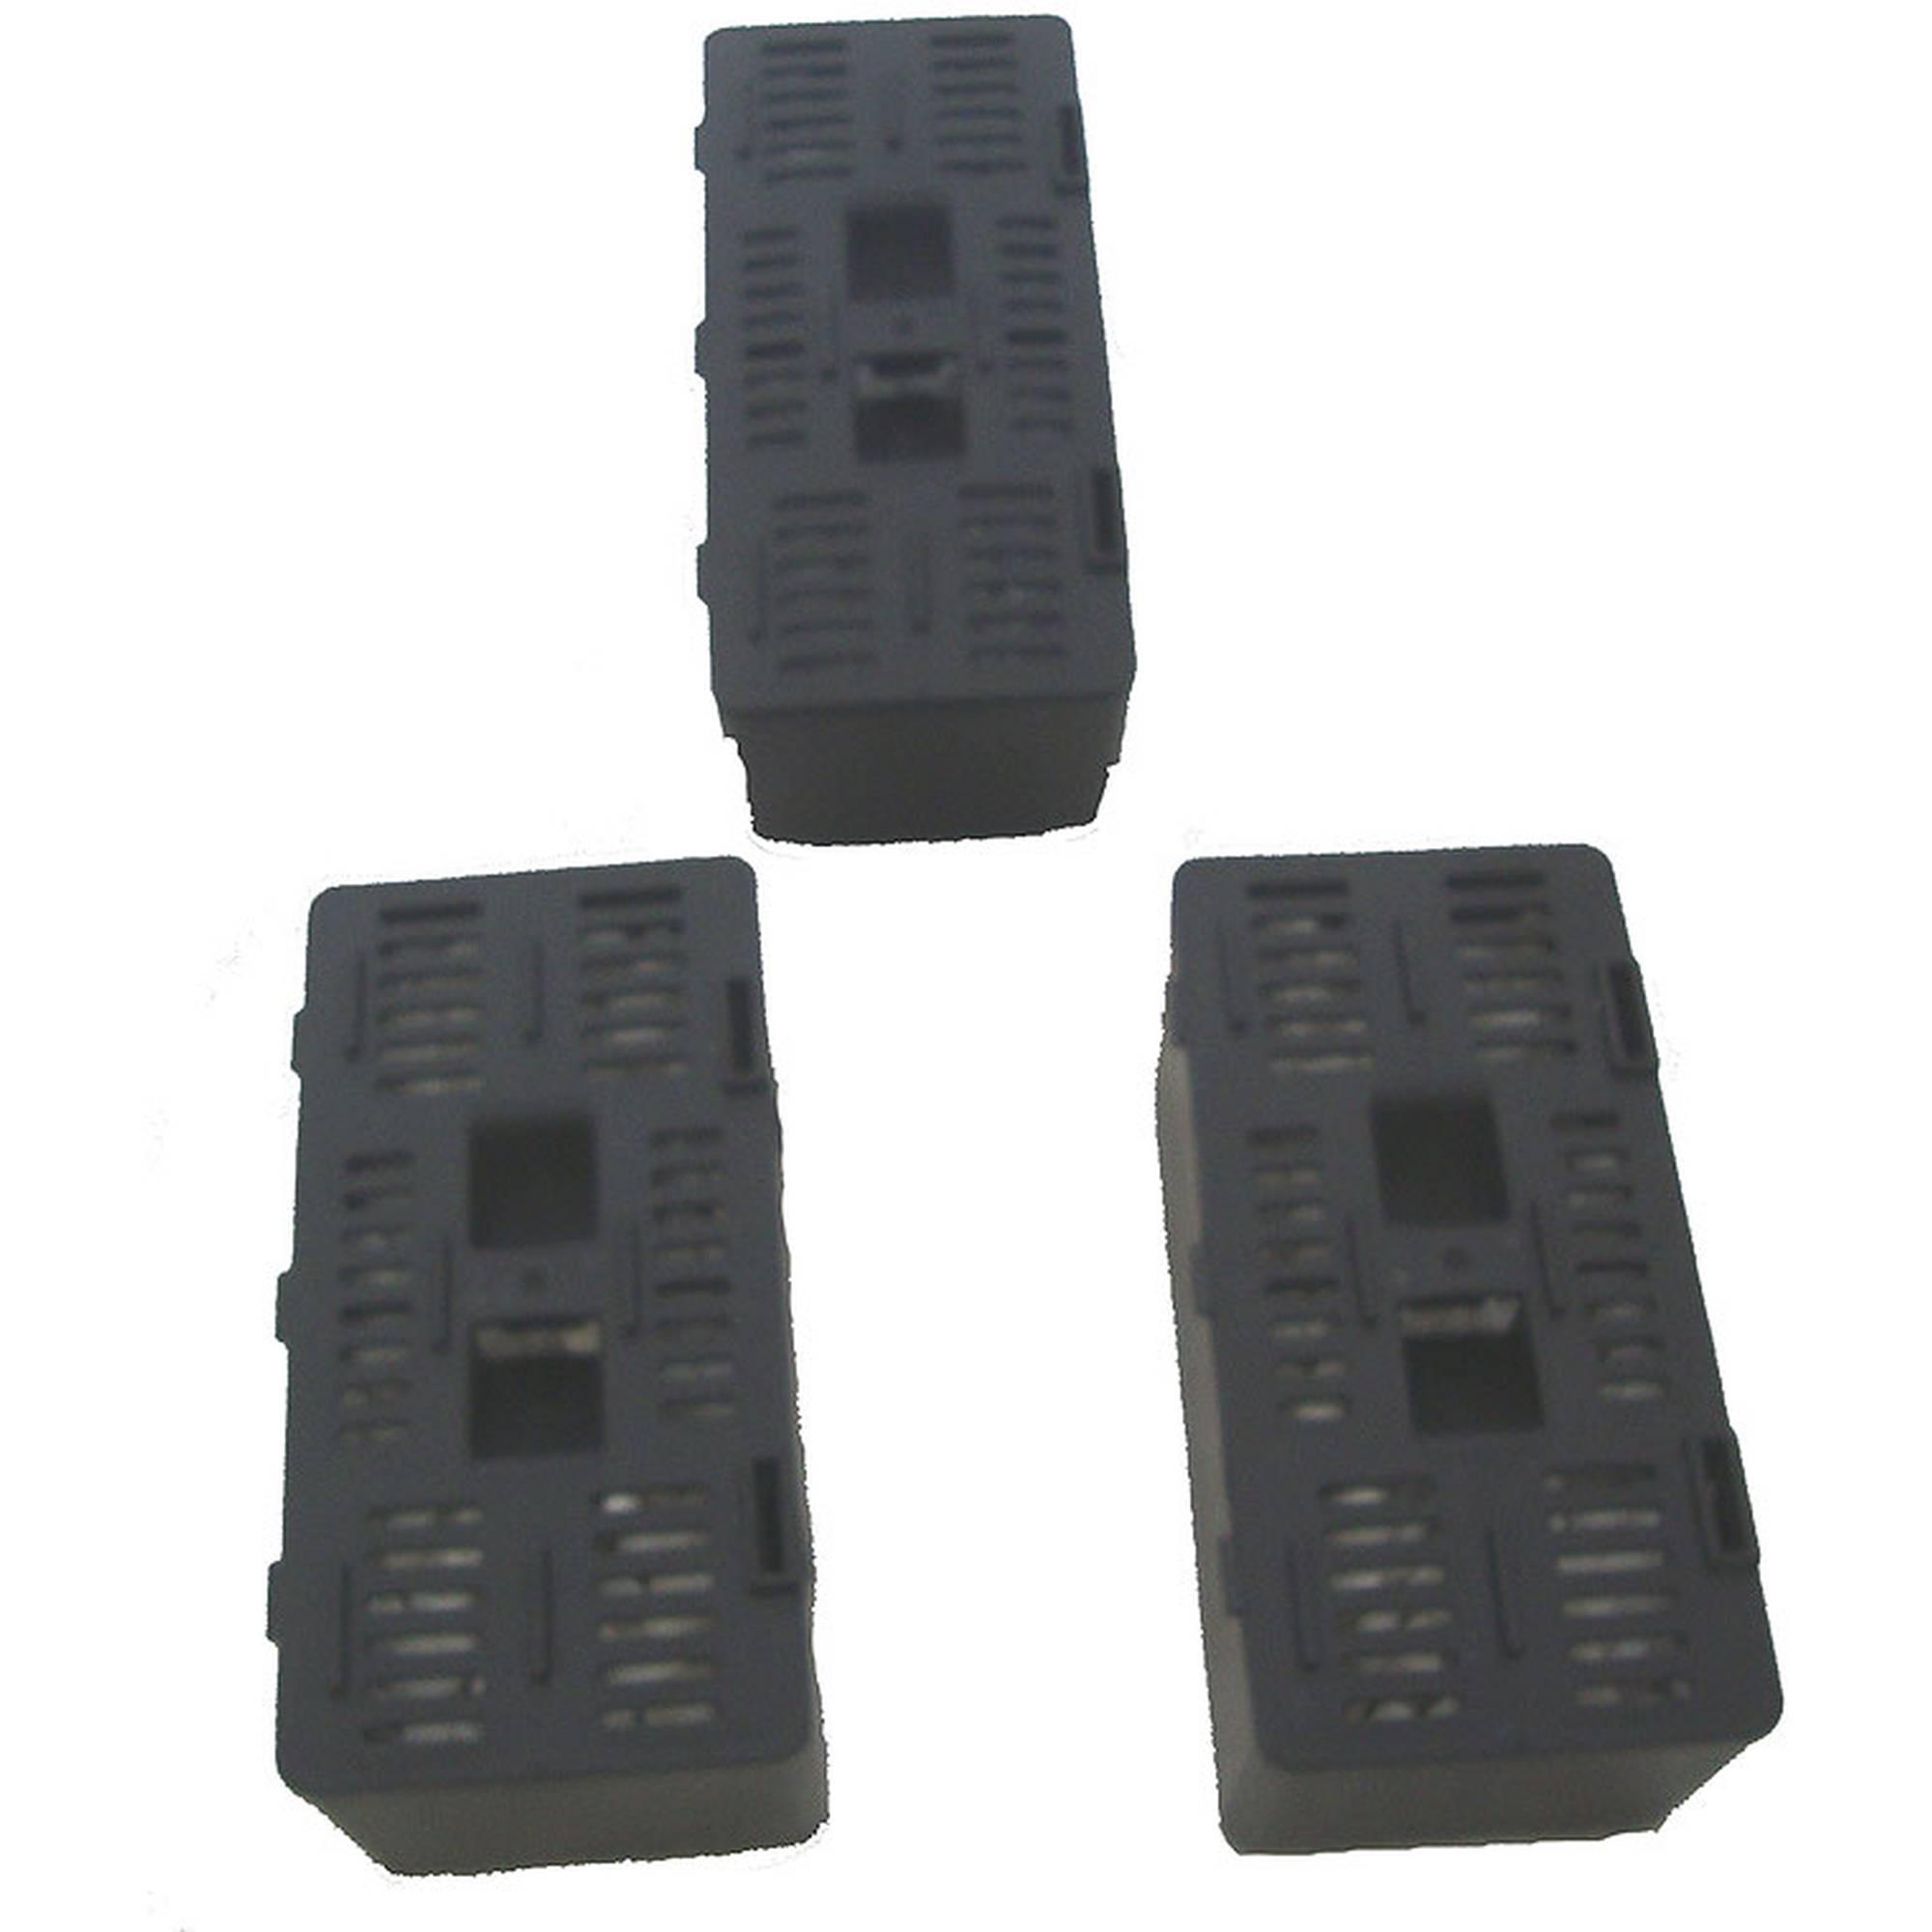 Filterkartusche (3Stück)